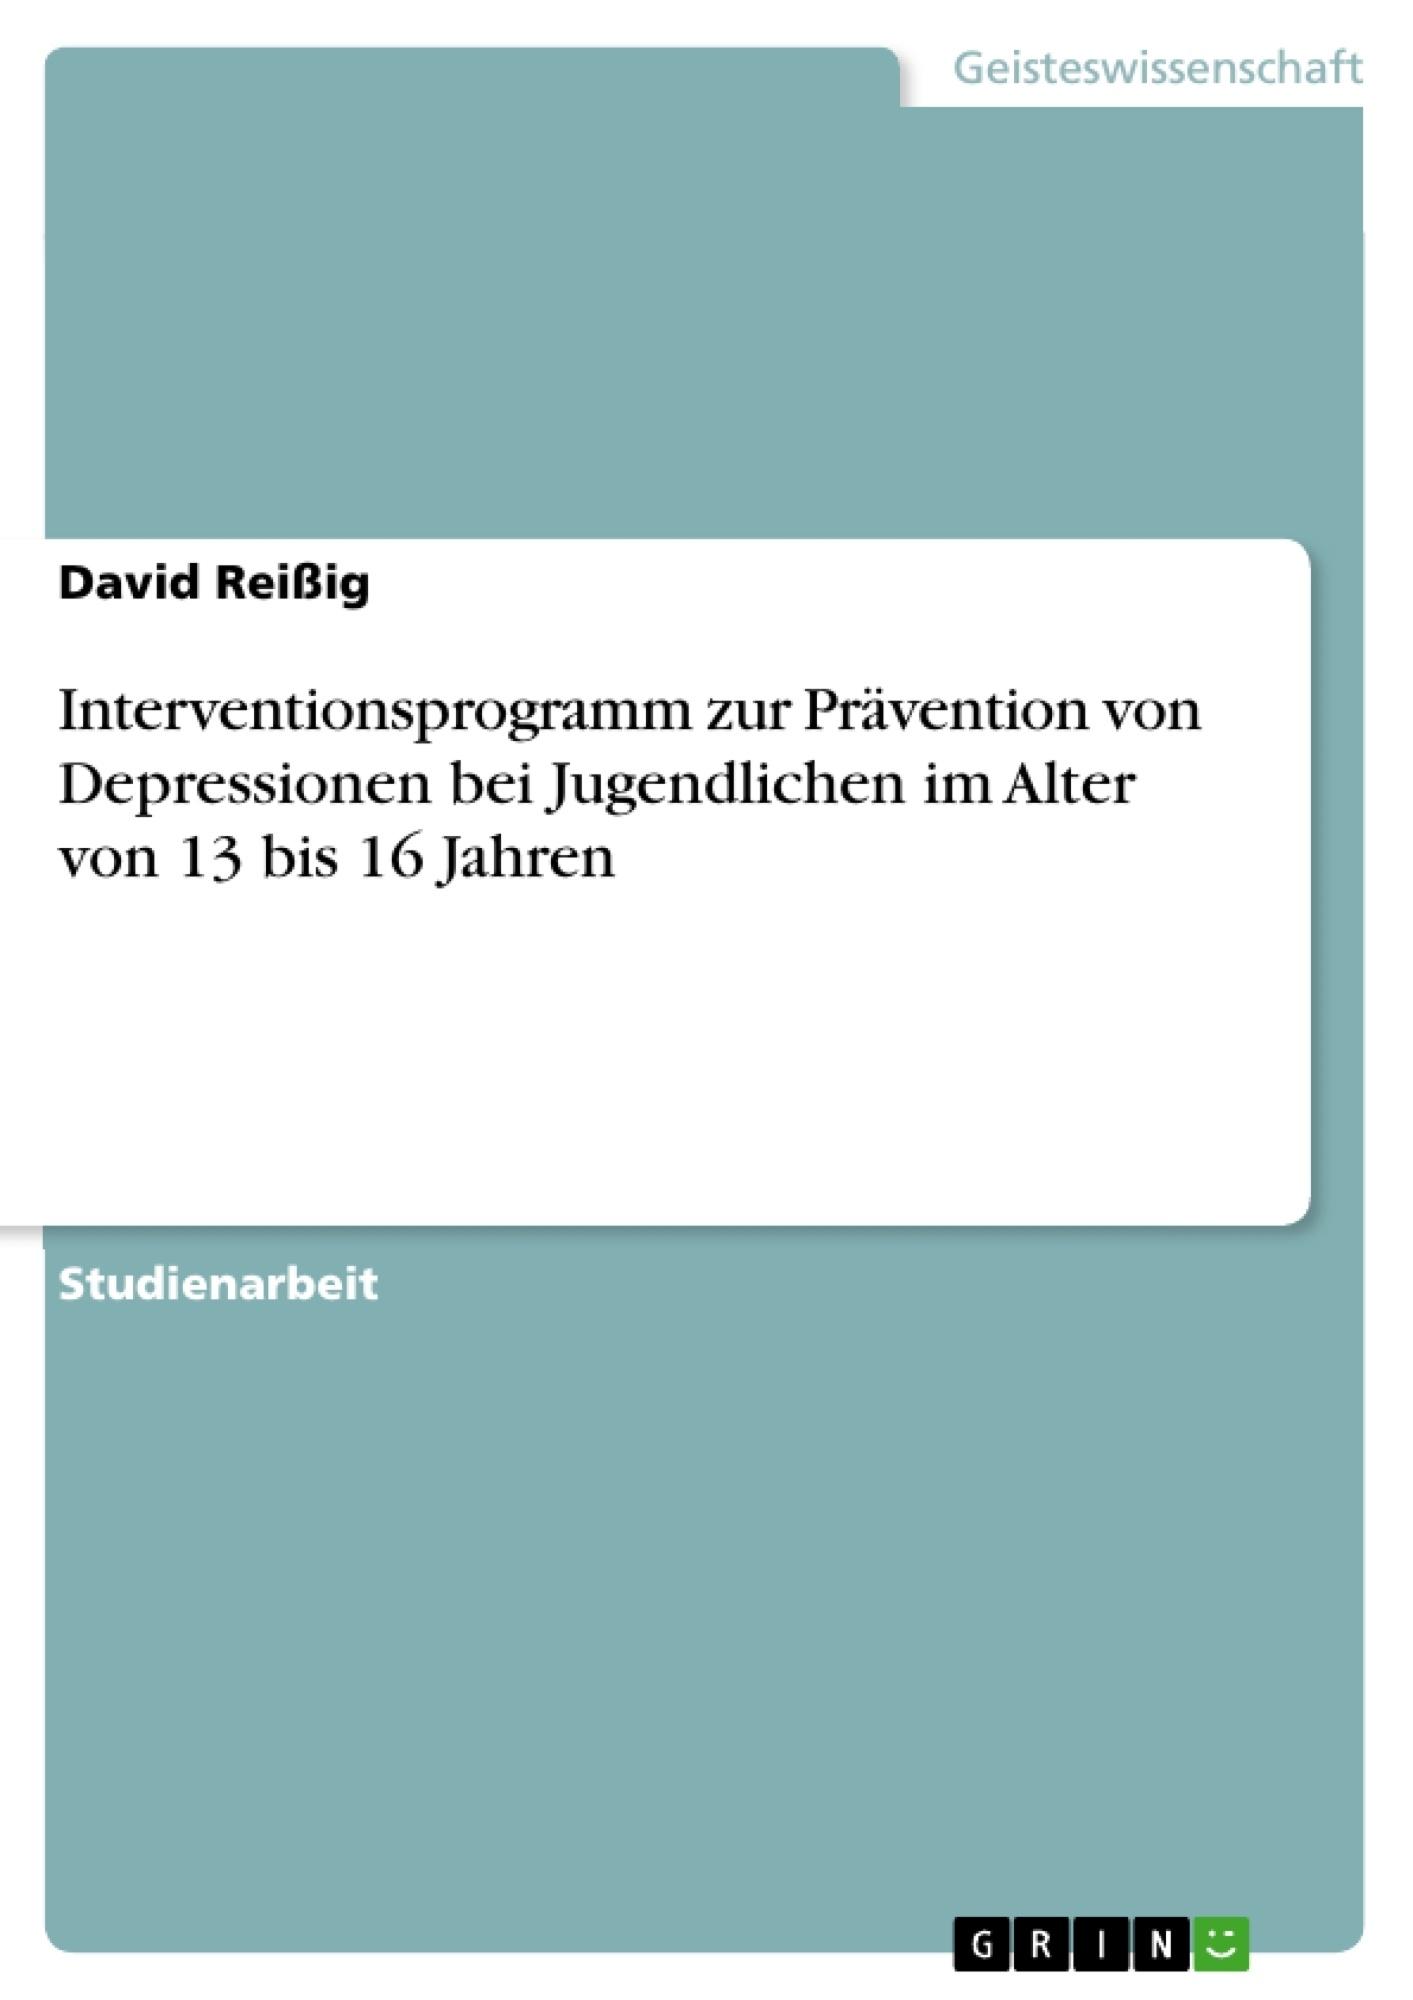 Titel: Interventionsprogramm zur Prävention von Depressionen bei Jugendlichen im Alter von 13 bis 16 Jahren